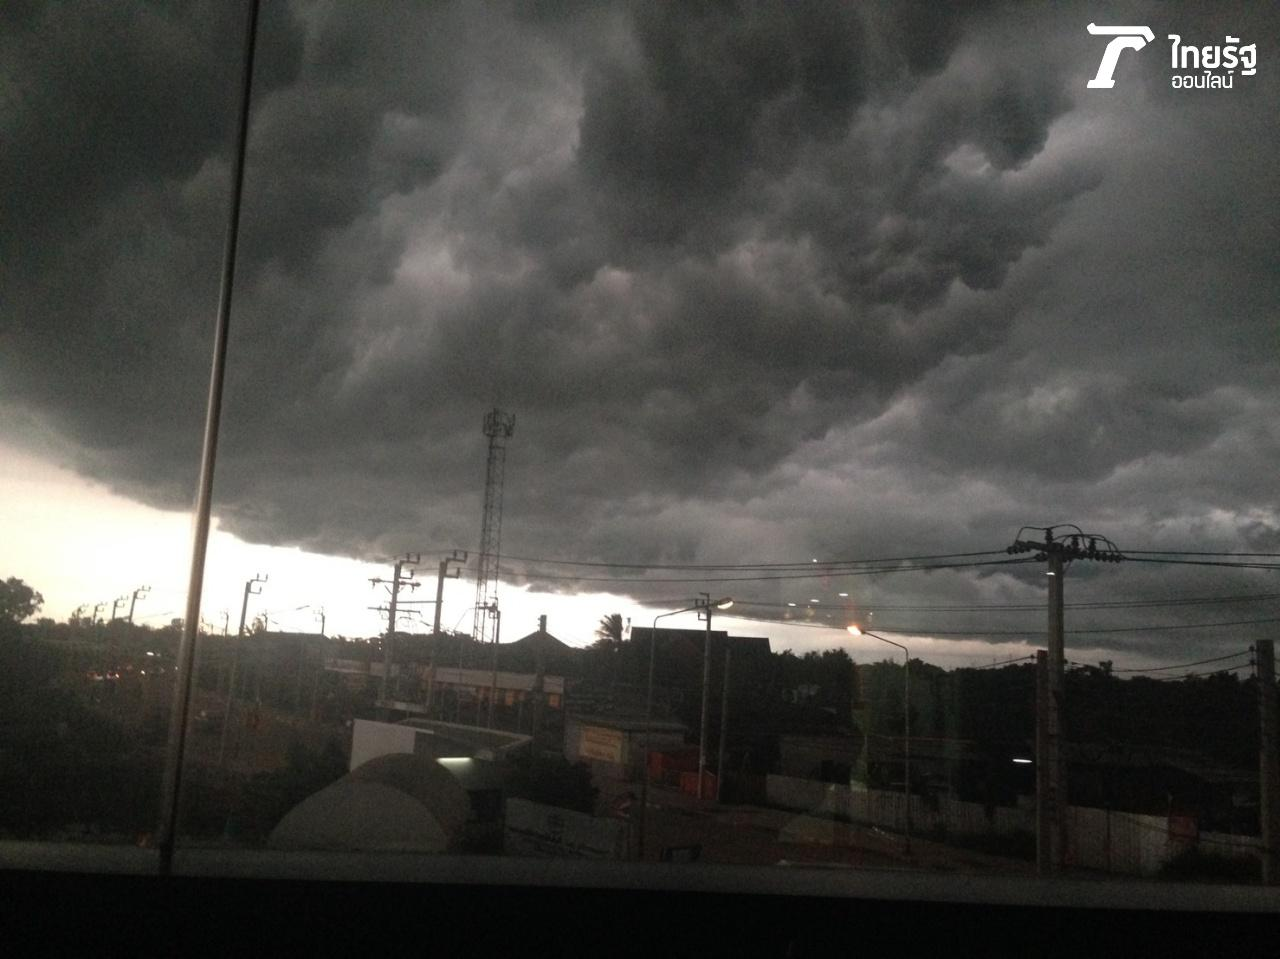 พายุฝน จ่อคลุมพื้นที่ย่านหทัยราษฎร์